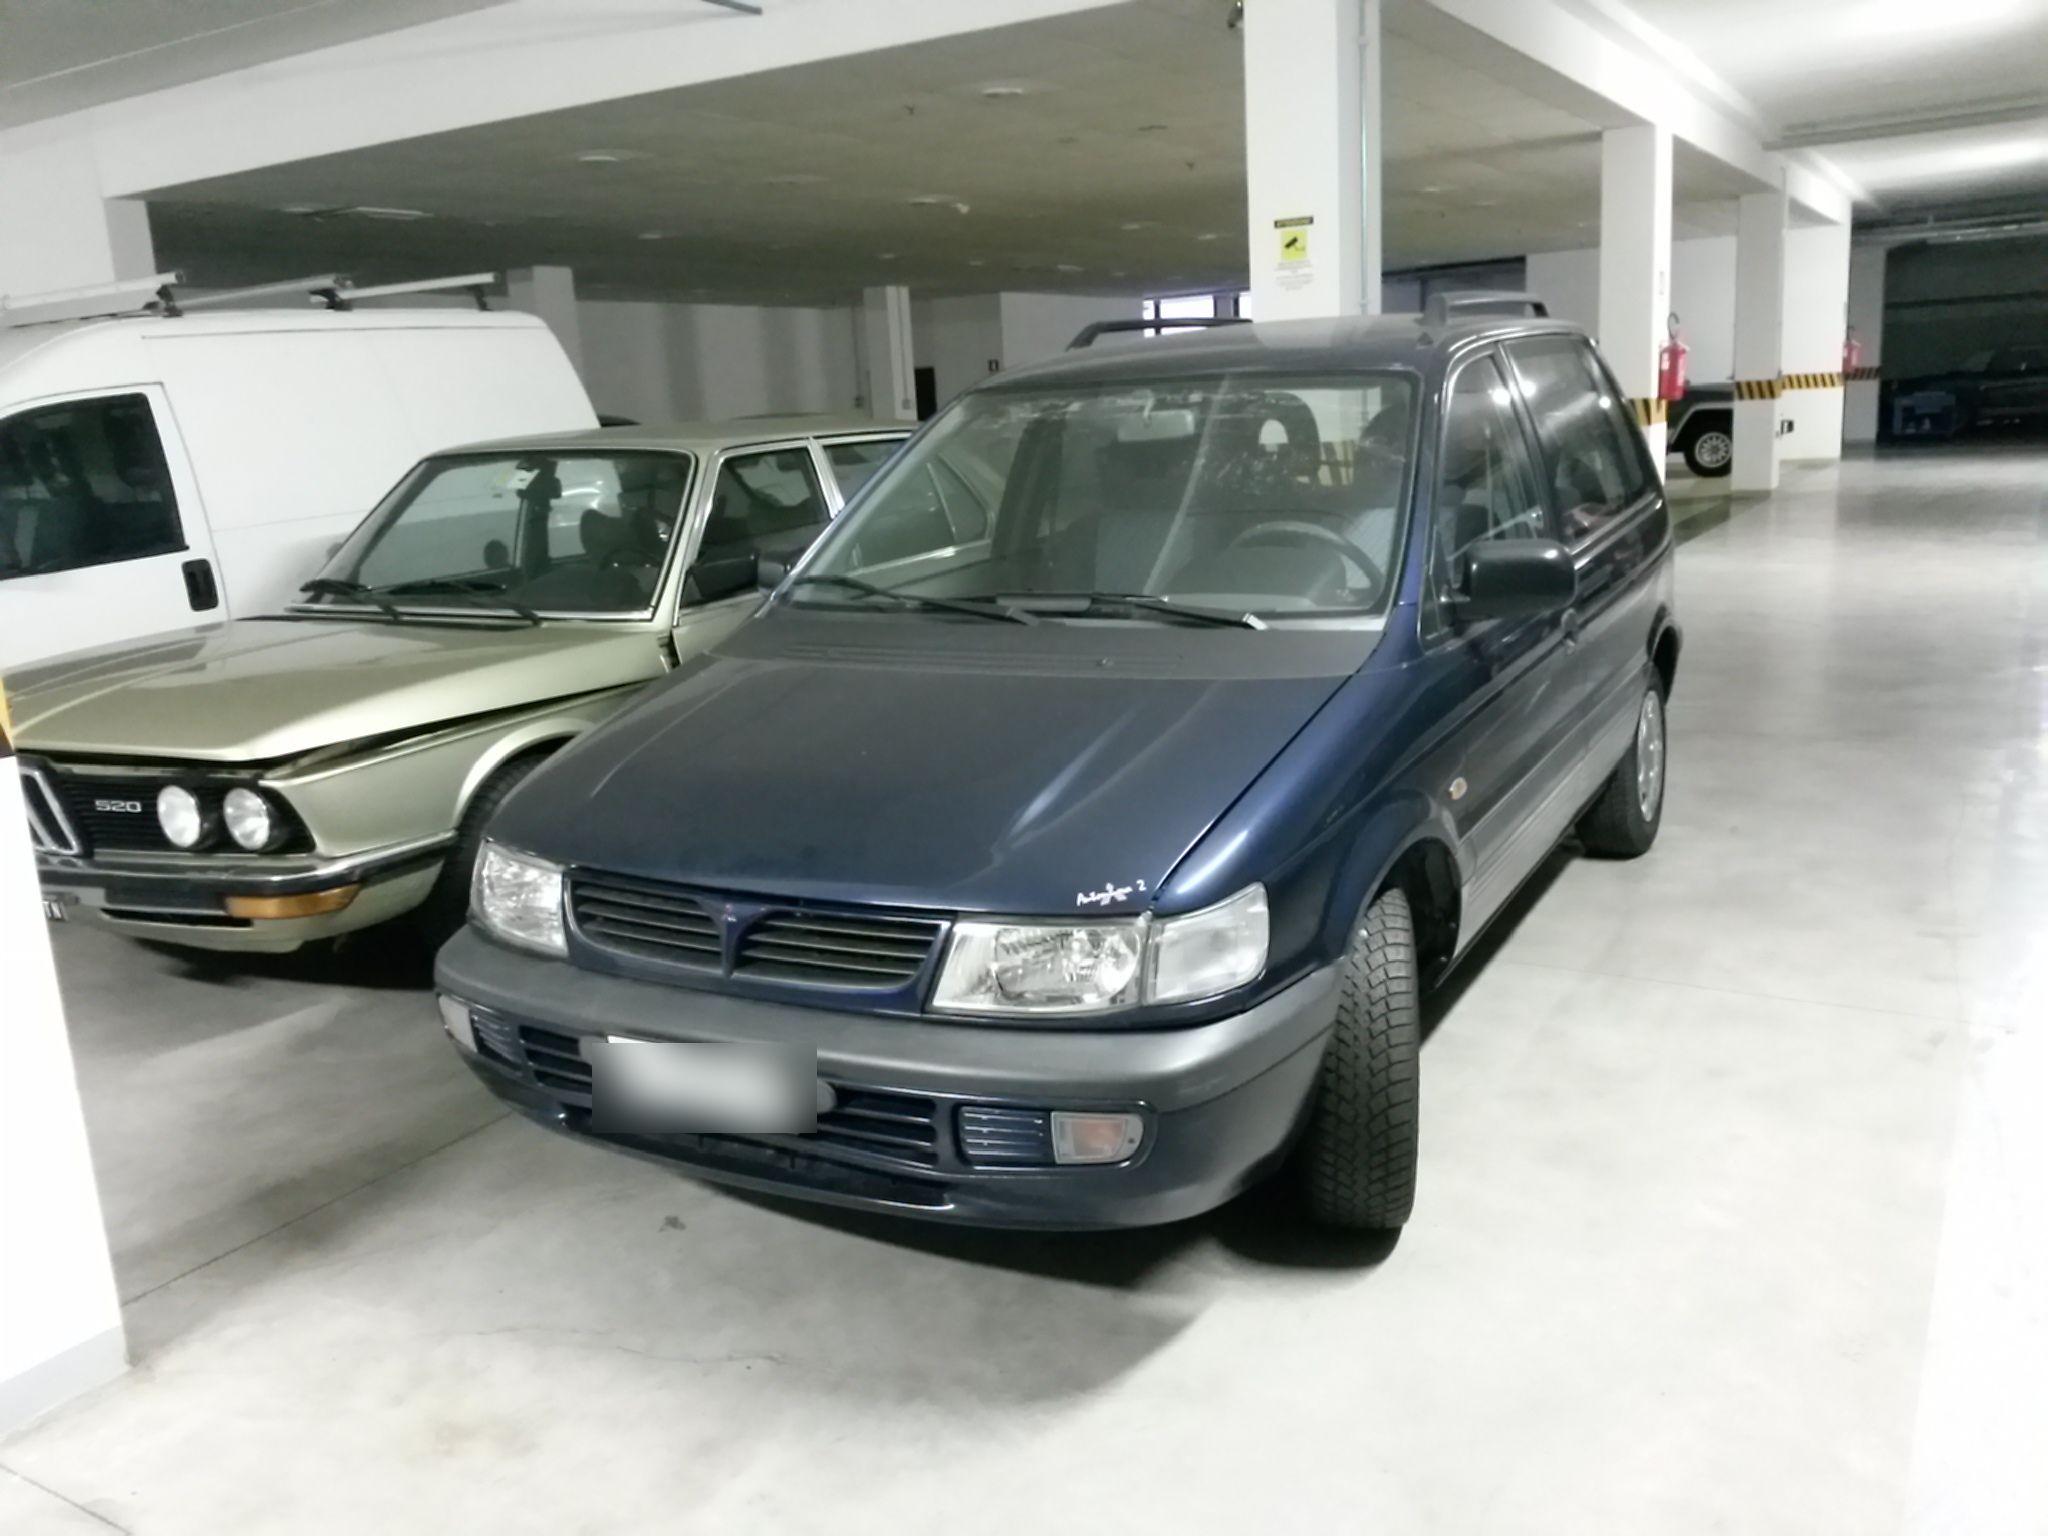 Mitsubishi - MITSUBISHI SPACE RUNNER - Km 58000 - Euro 1800